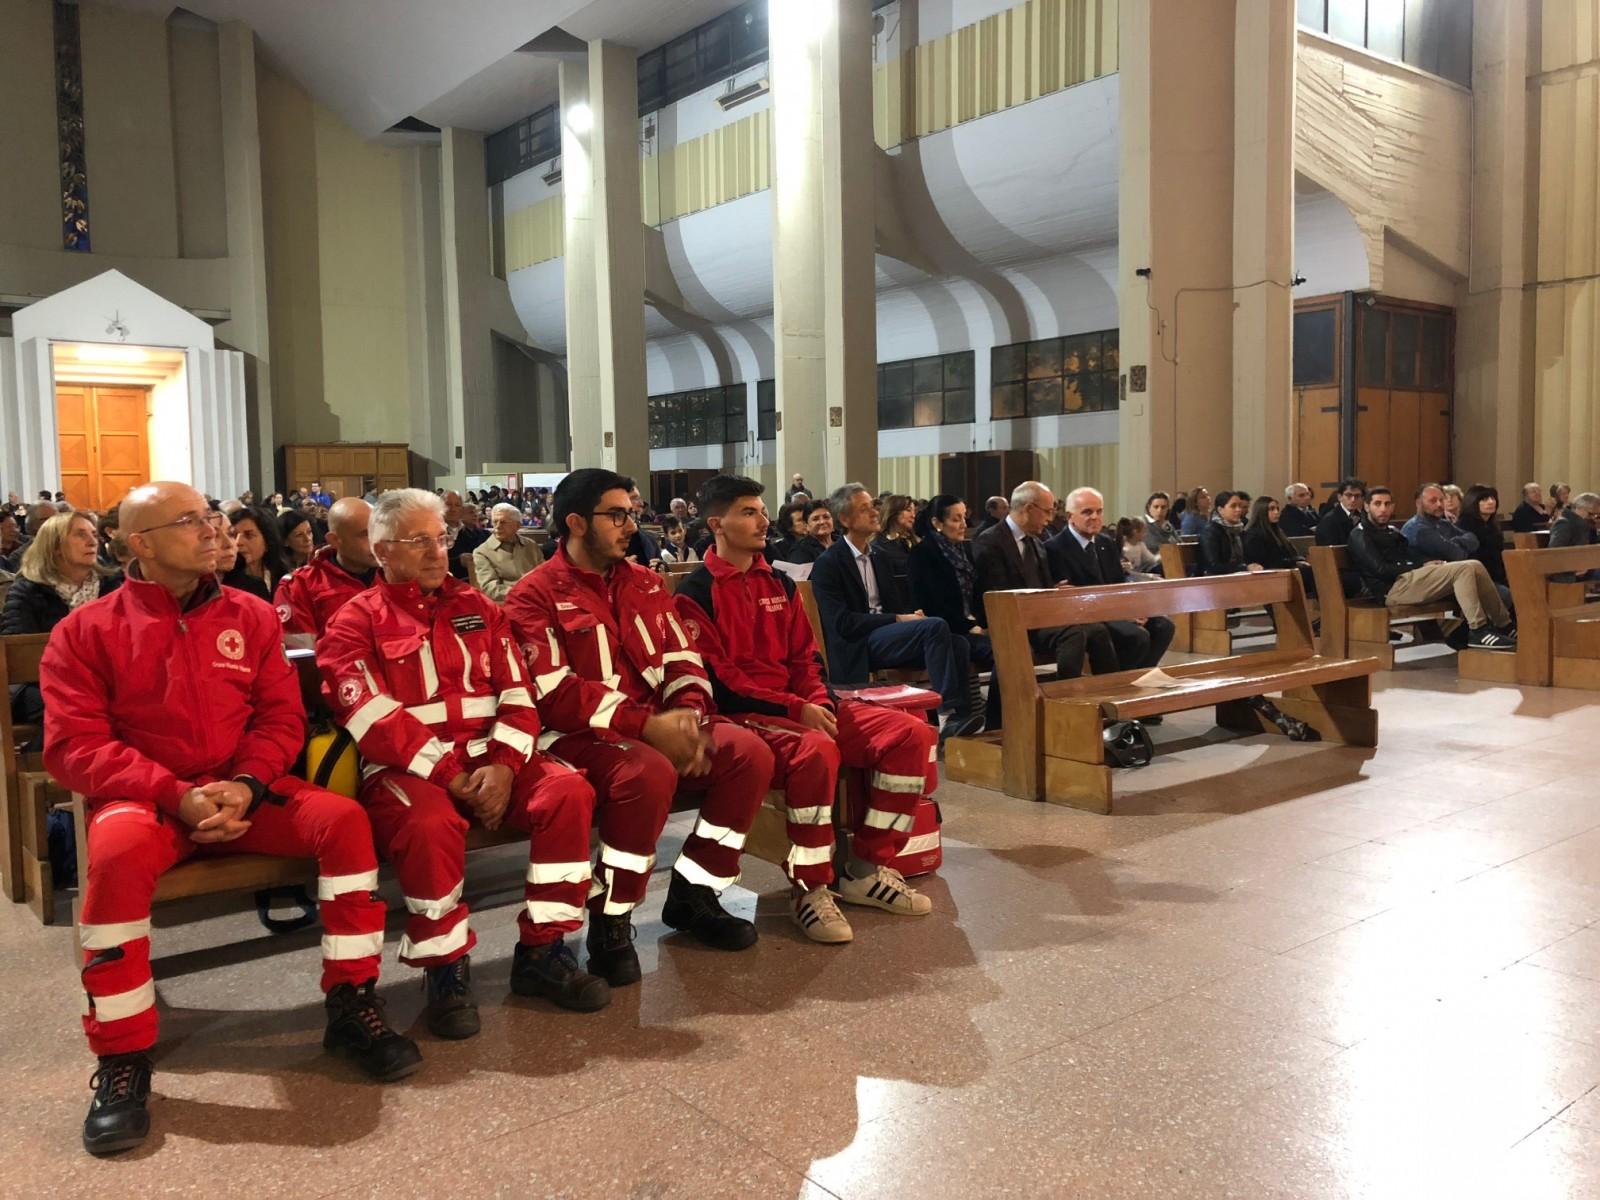 Gallery - Un defibrillatore in memoria di Don Antonio Colella